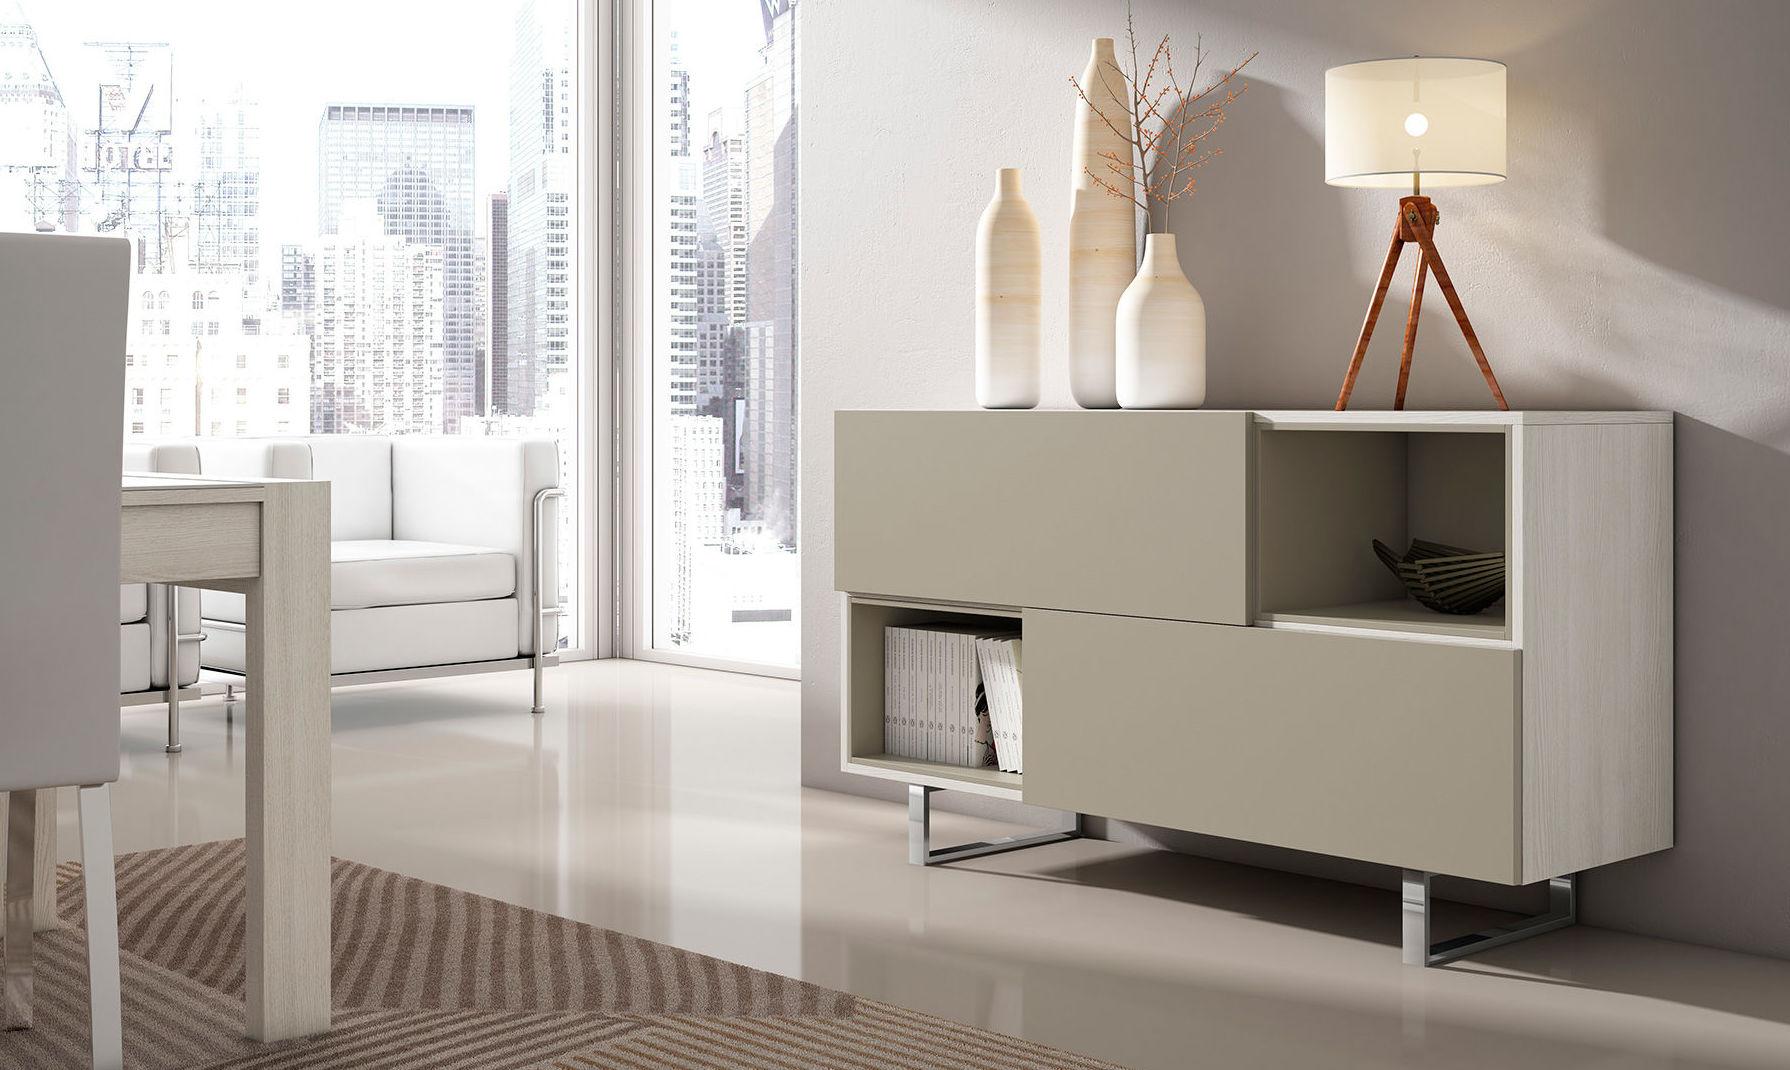 Salones torga cat logo de muebles y sof s de goga muebles - Muebles y complementos ...